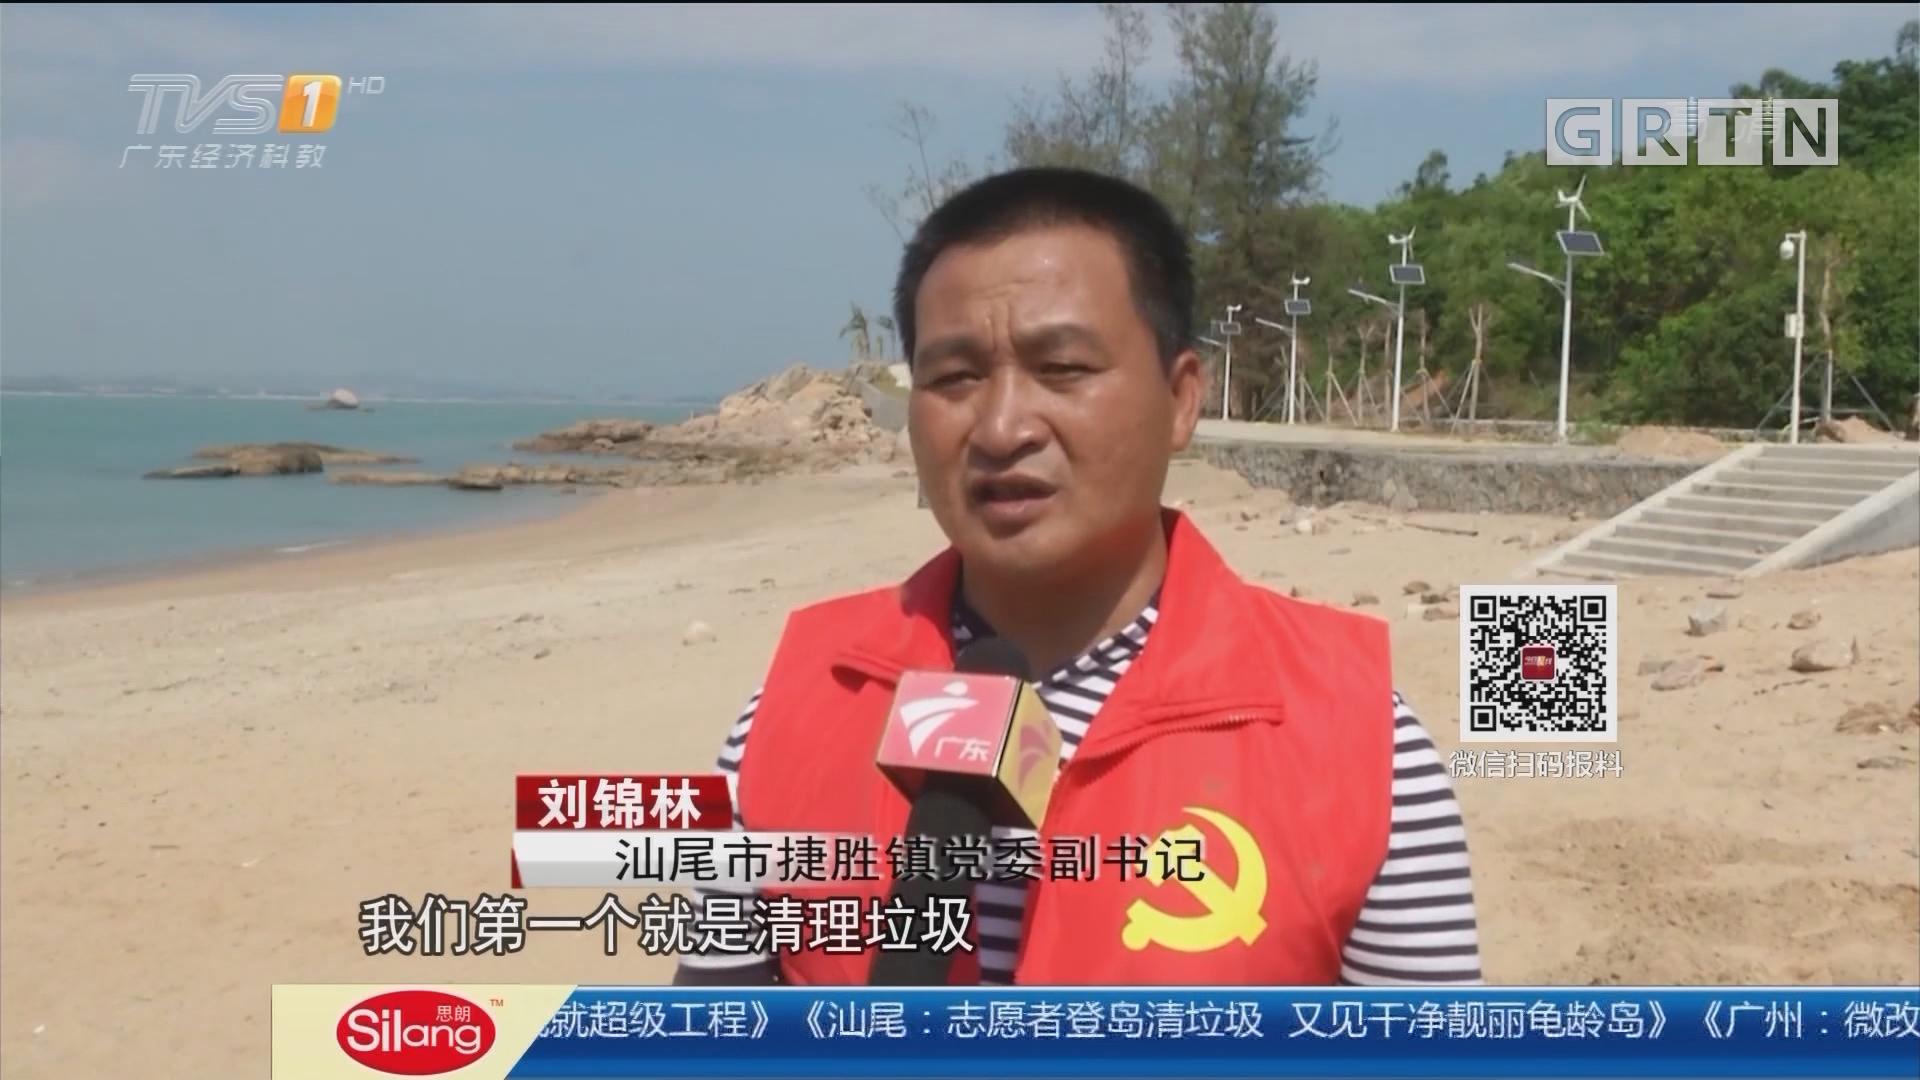 汕尾龟龄岛:志愿者登岛清垃圾 又见干净靓丽的海岛